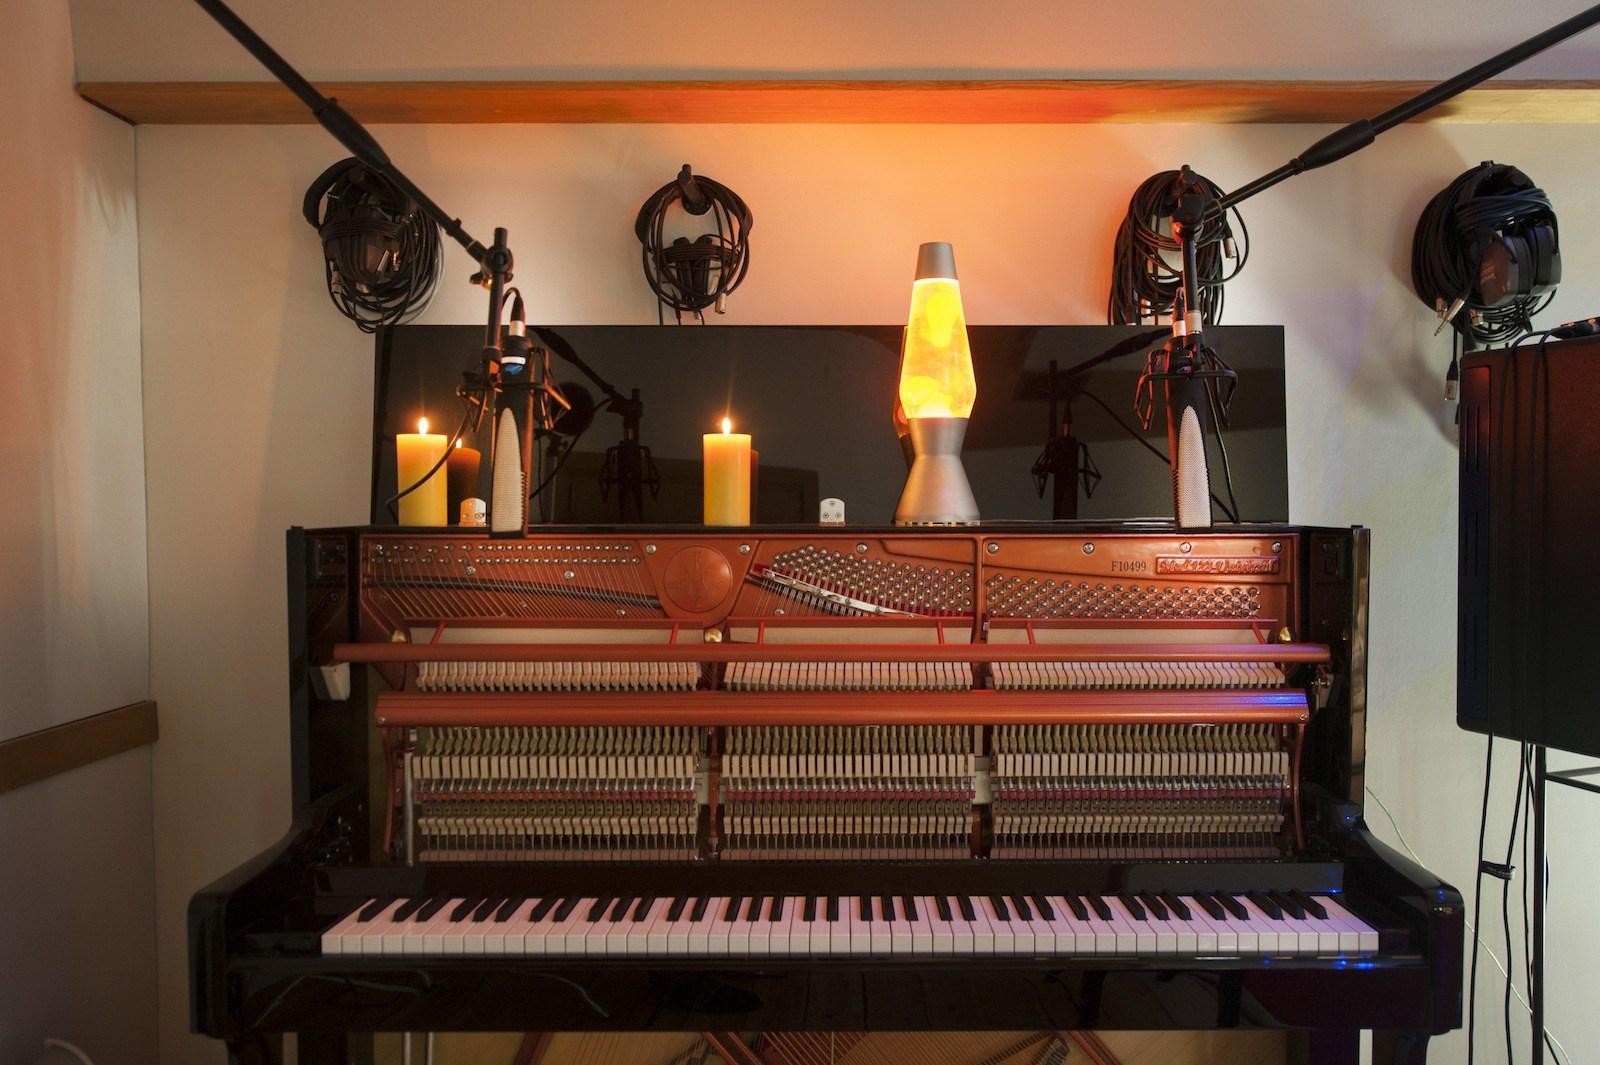 Search London piano recording studios - Miloco